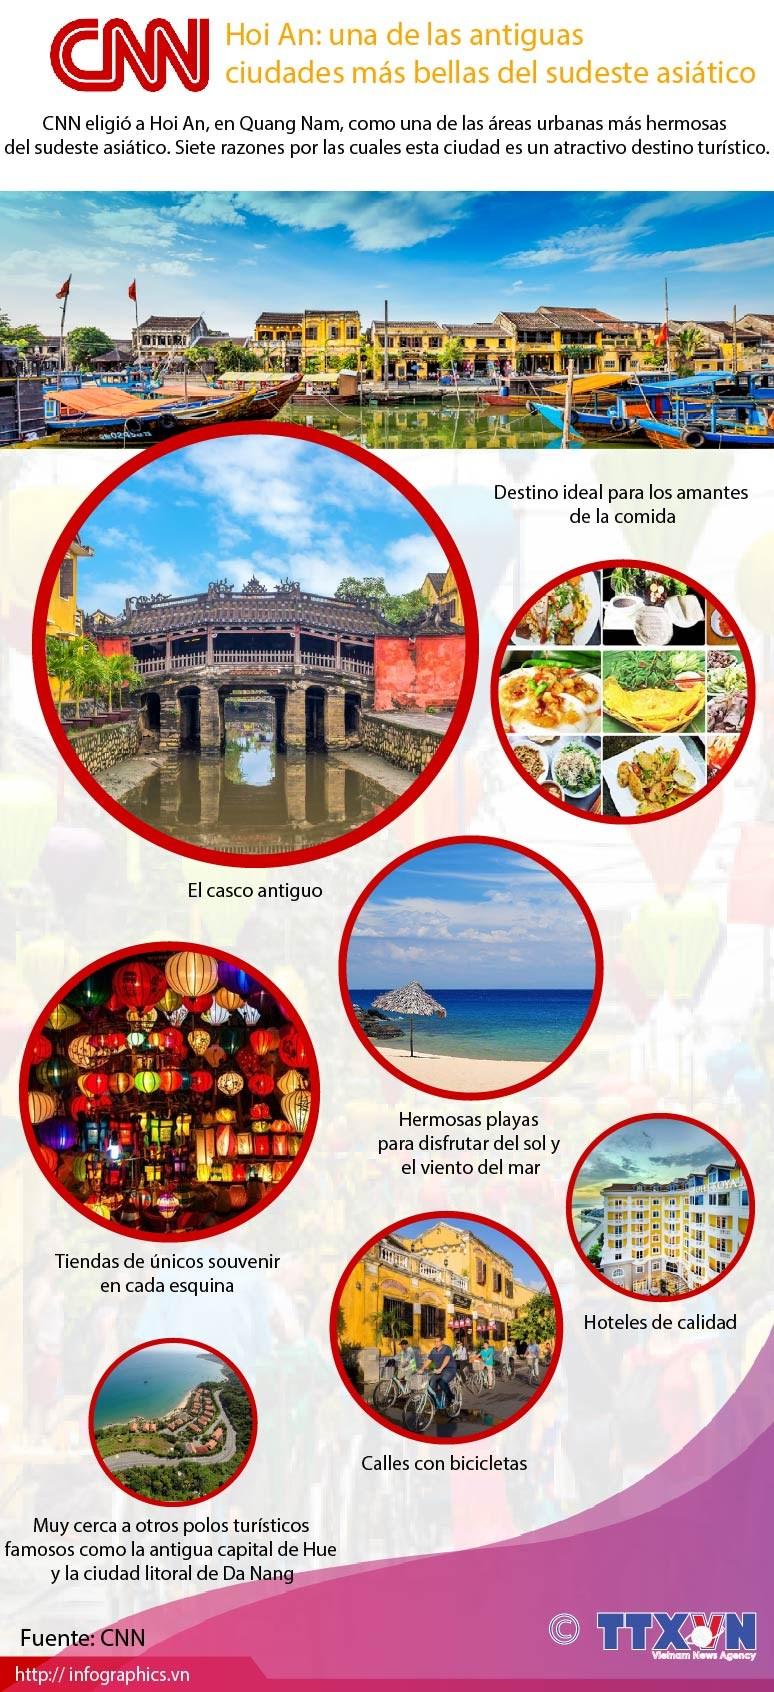 [Info] Hoi An: una de las antiguas ciudades mas bellas del sudeste asiatico hinh anh 1